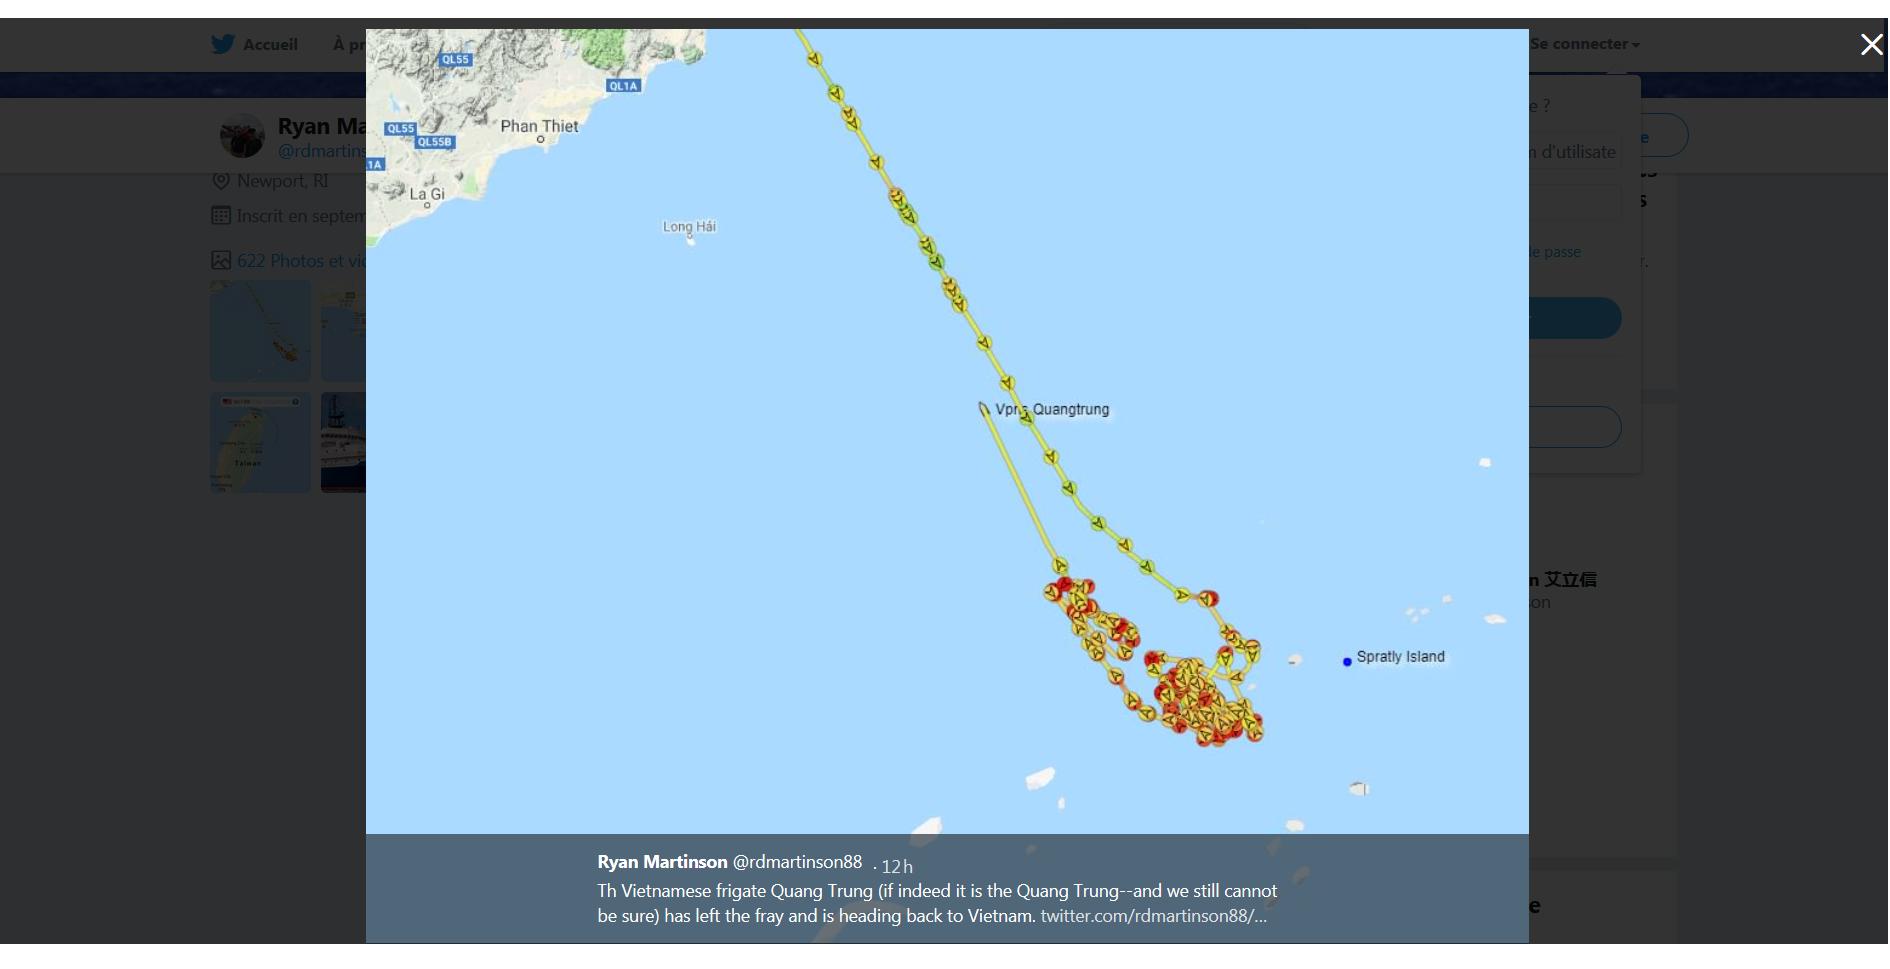 Thông tin trên Twitter ngày 22/08/2019 của giáo sư Ryan Martinson : Tàu khu trục Việt Trung (nếu thực sự là Quang Trung - và chúng tôi vẫn không thể chắc chắn) đã rời khỏi khu vực xung đột và đang quay trở lại Việt Nam. Ảnh chụp màn hình.